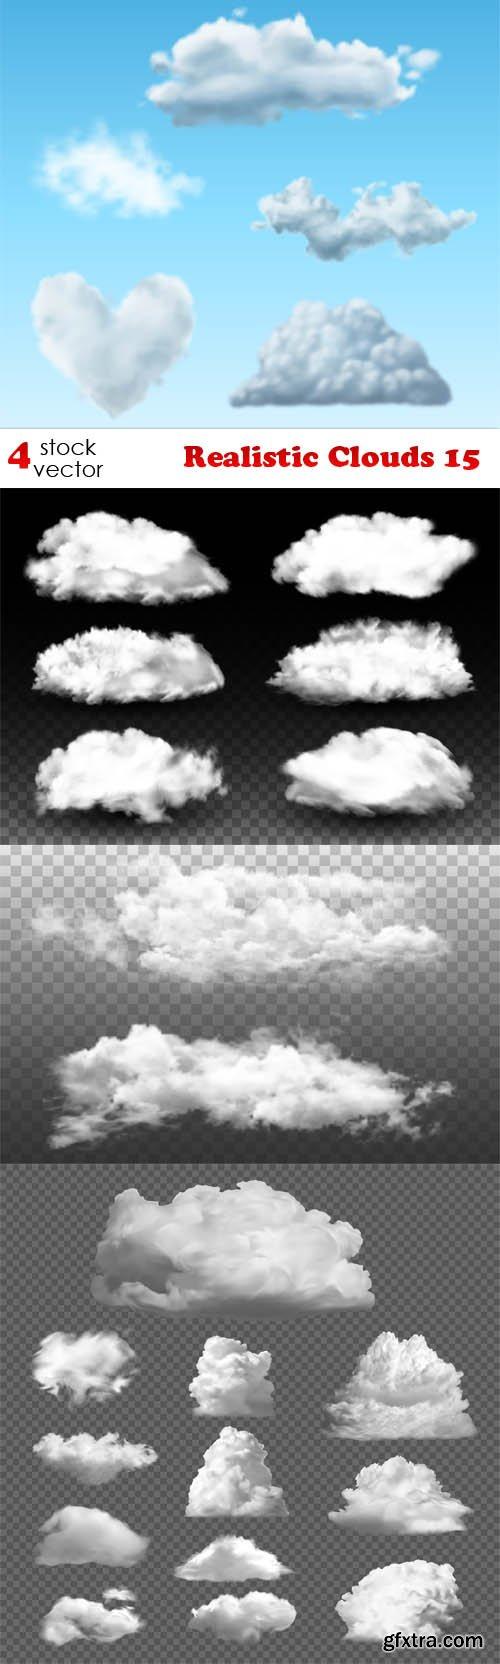 Vectors - Realistic Clouds 15